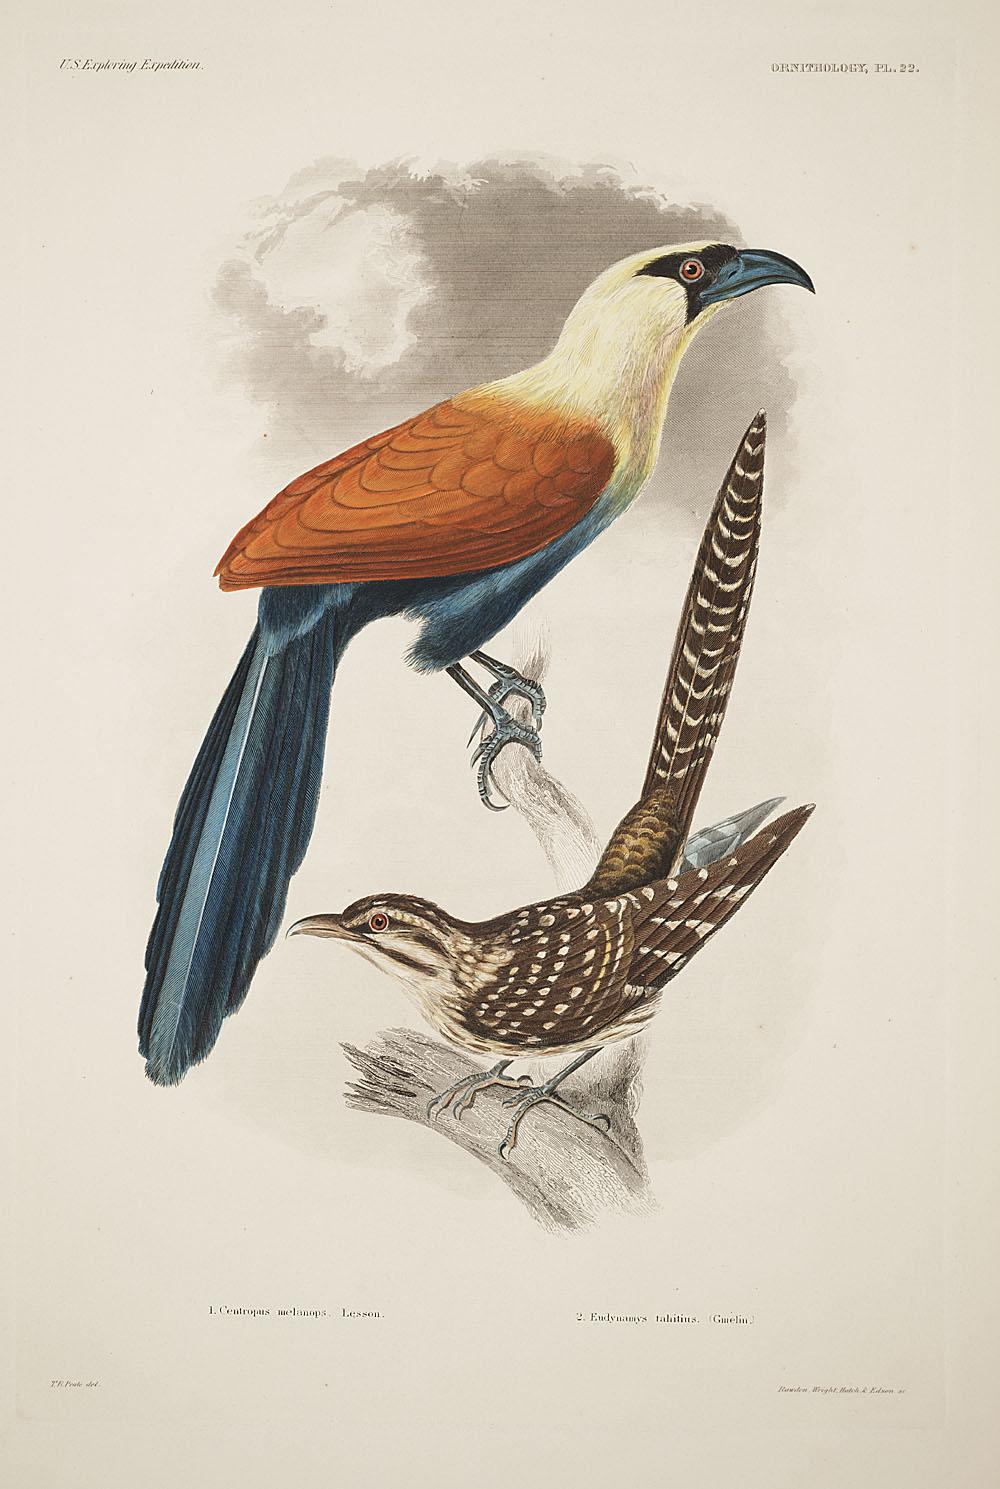 Ornithology, Pl. 22,  Image number:sil19-12-075b